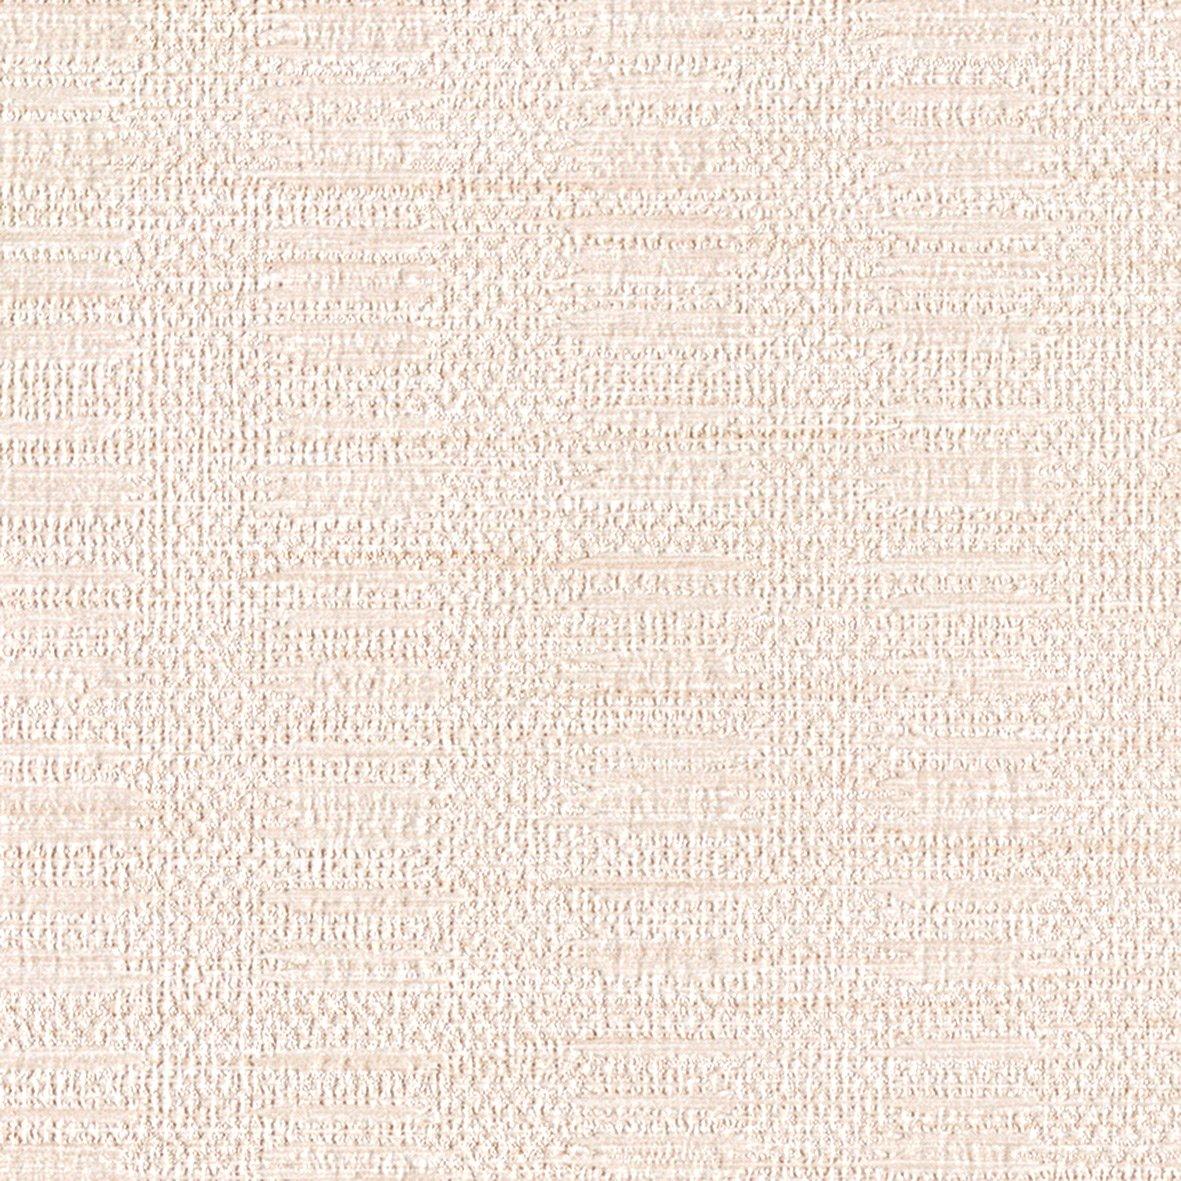 リリカラ 壁紙36m 和 織物調 ベージュ 和調 LV-6392 B01IHRCUVO 36m|ベージュ